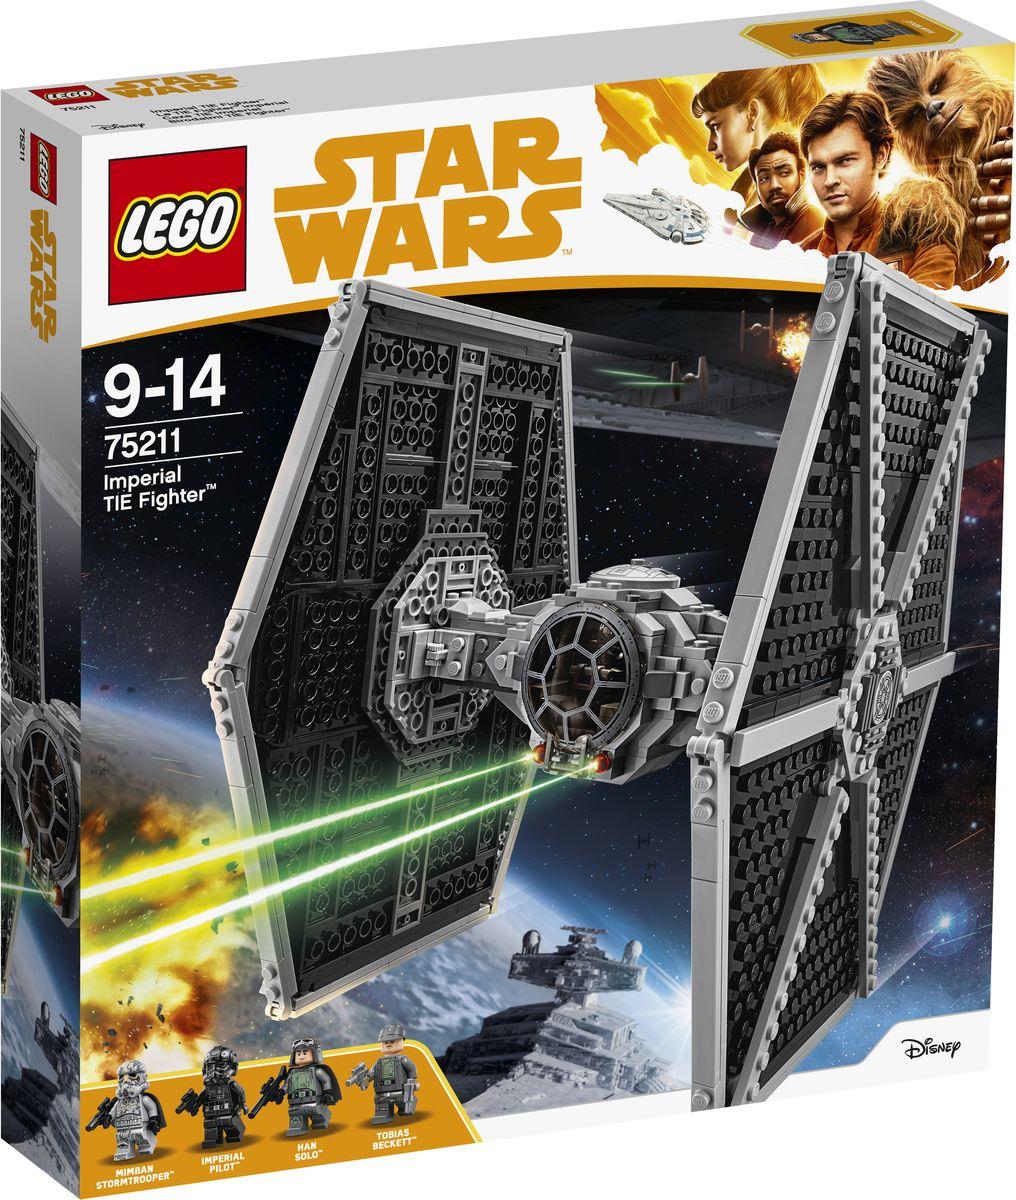 LEGO Star Wars 75211 Имперский истребитель СИД Конструктор